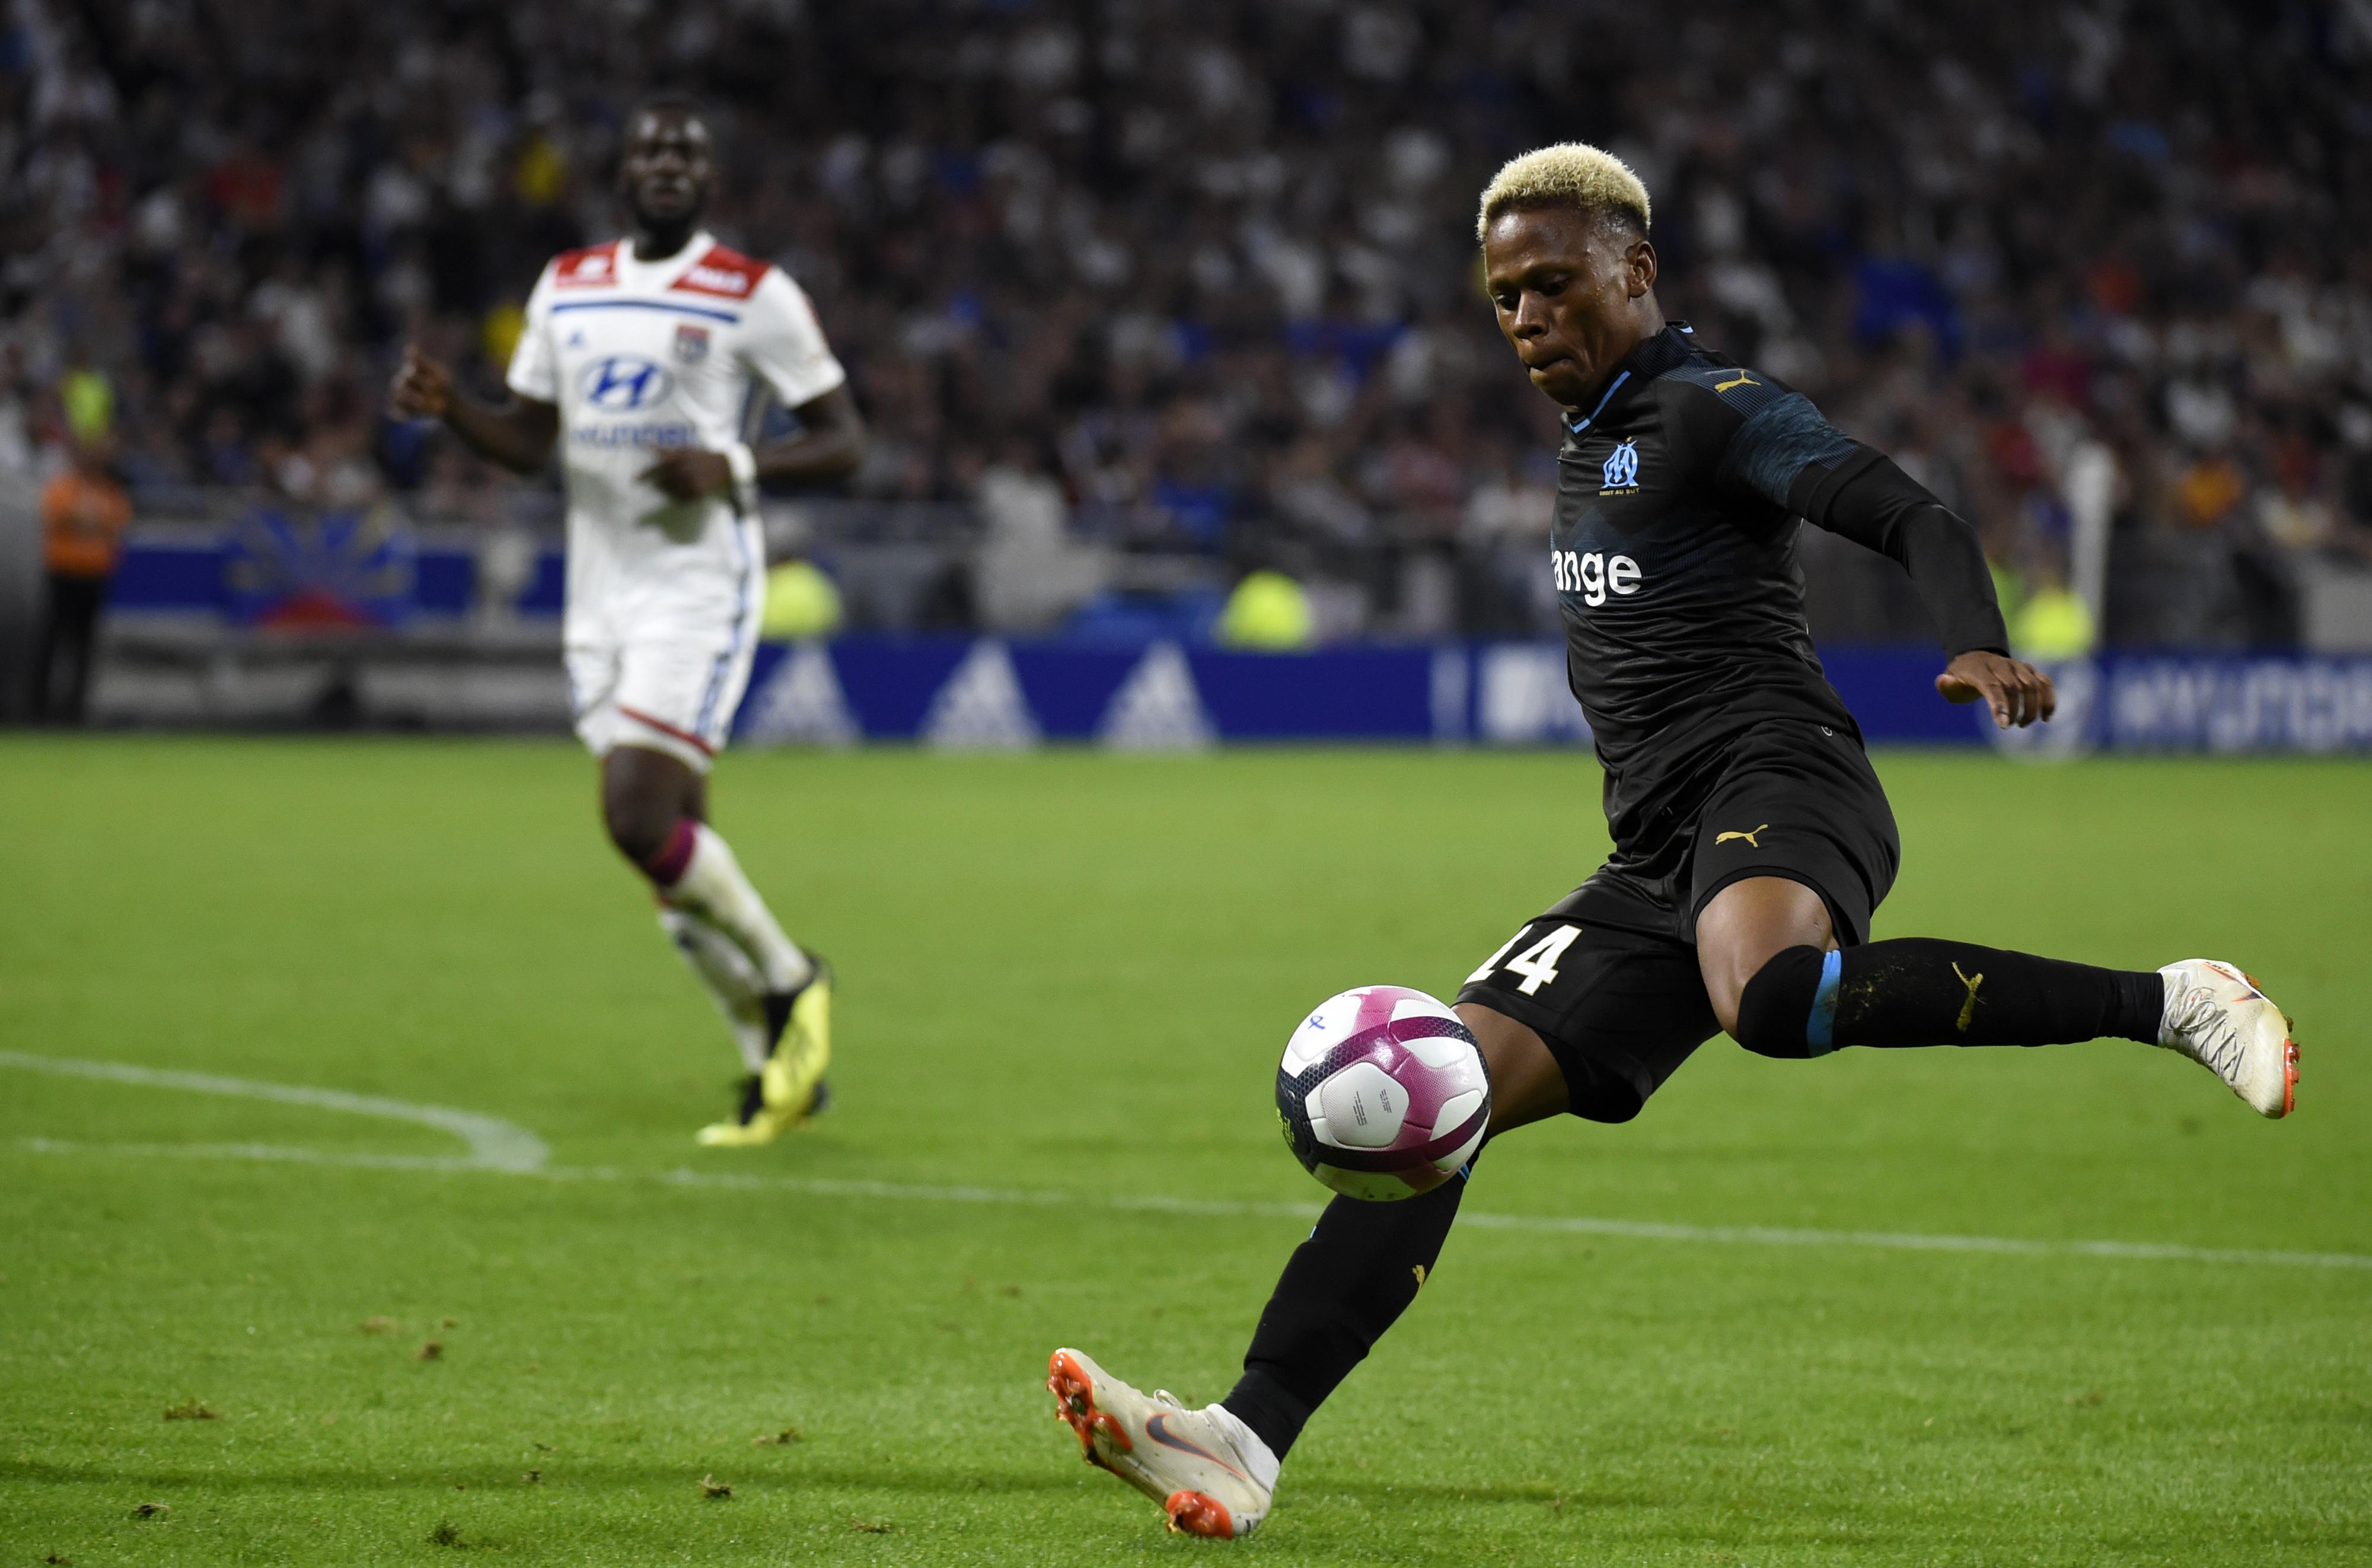 Njie au Dynamo, c'est officiel — Mercato